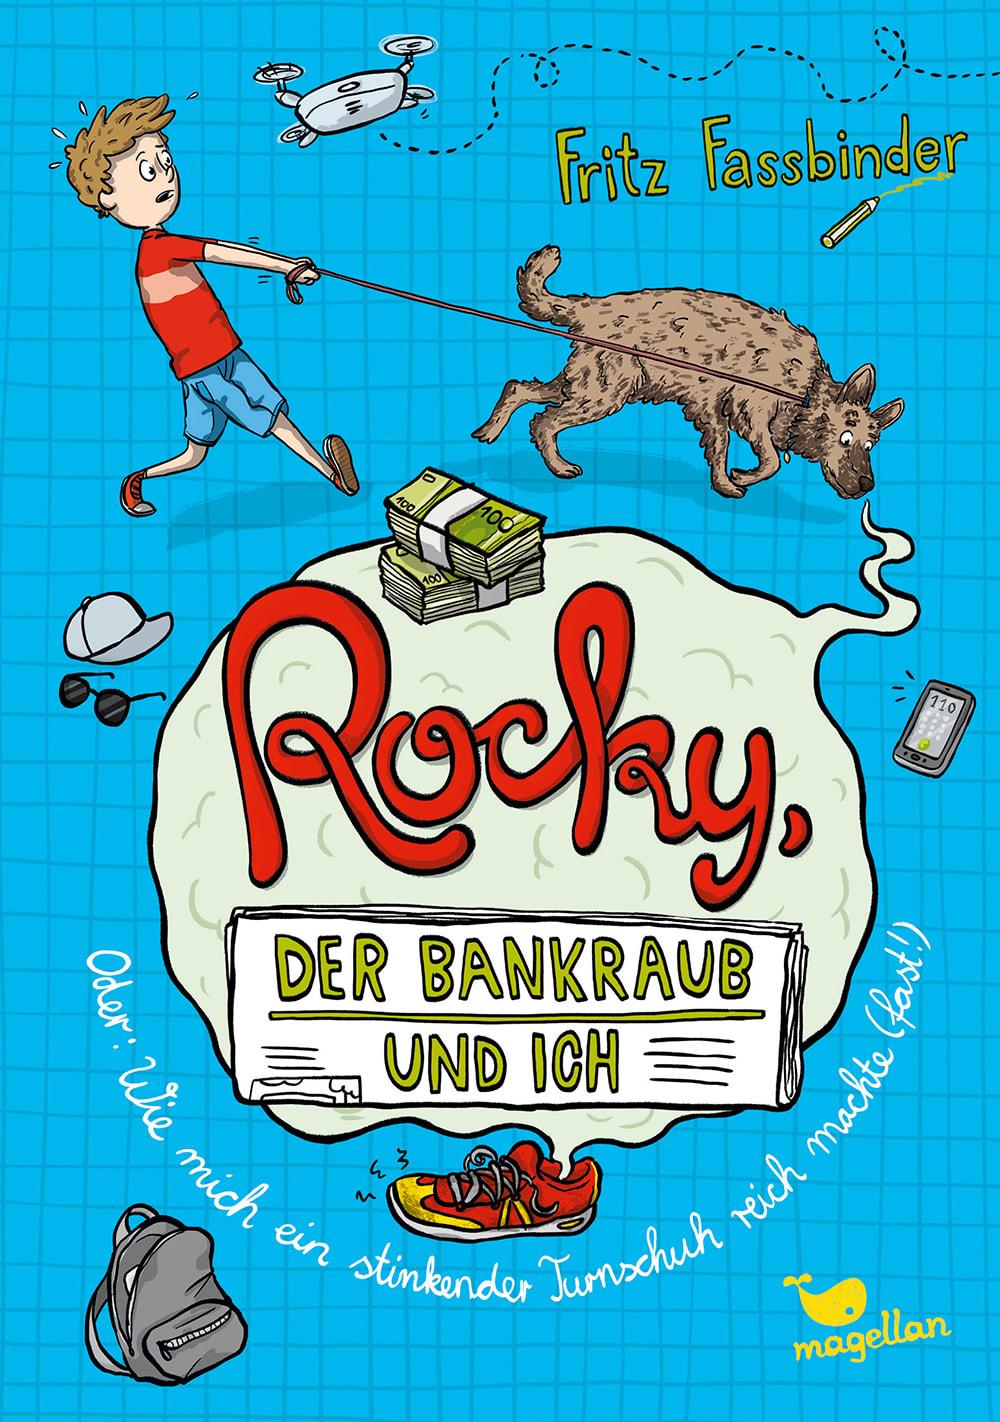 Cover Rocky, der Bankraub und ich Band2 Oder wie mich ein stinkender Turnschuh reich machte fast Krimi Kinderbuch von Fritz Fassbinder